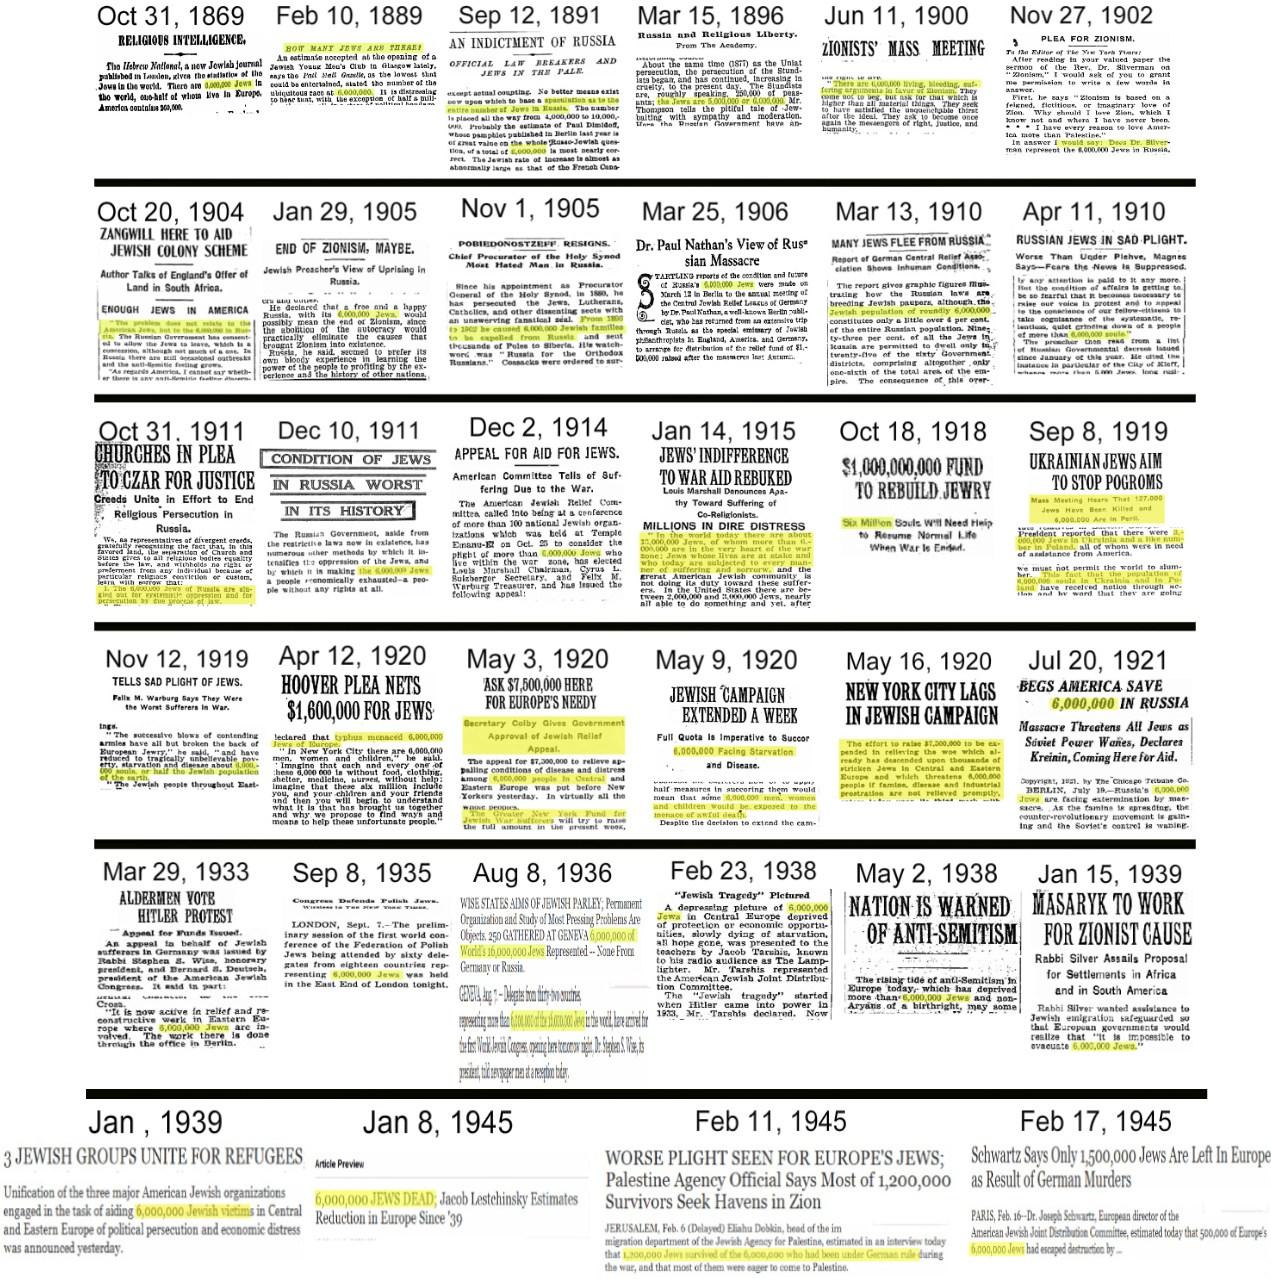 """Tallet 6 millioner, kombinert med triggerord som """"sult"""", """"lidelse"""", """"forfølgelse"""", """"utvisning"""", """"utryddelse"""", kombinert med """"bønner om mer penger"""" fikk rikelig propagandaplass i media fra rundt 1850 og fremover."""